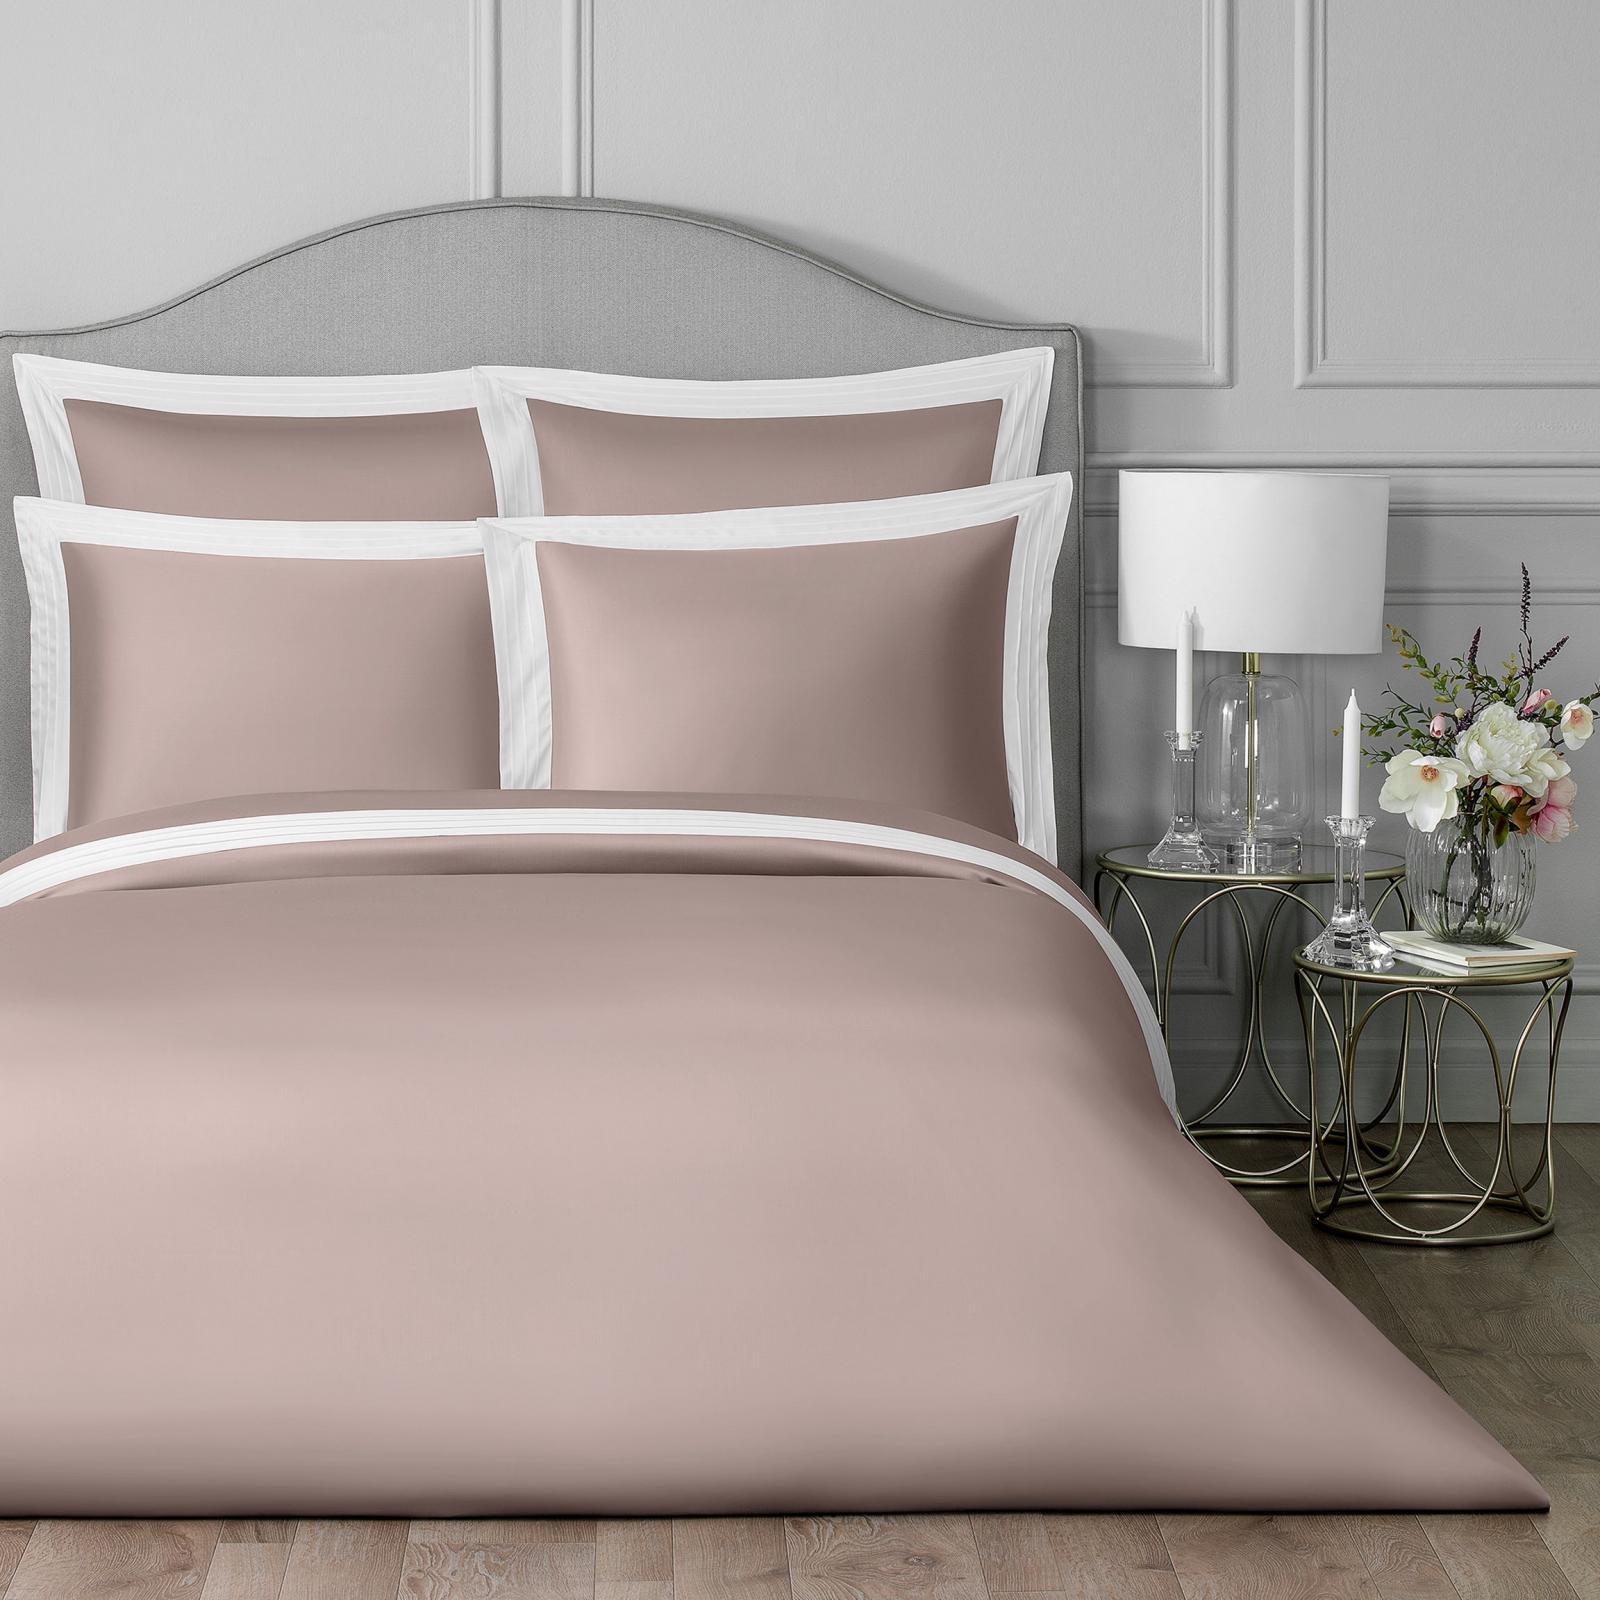 Постельный комплект Togas Эдем розовый/белый семейный